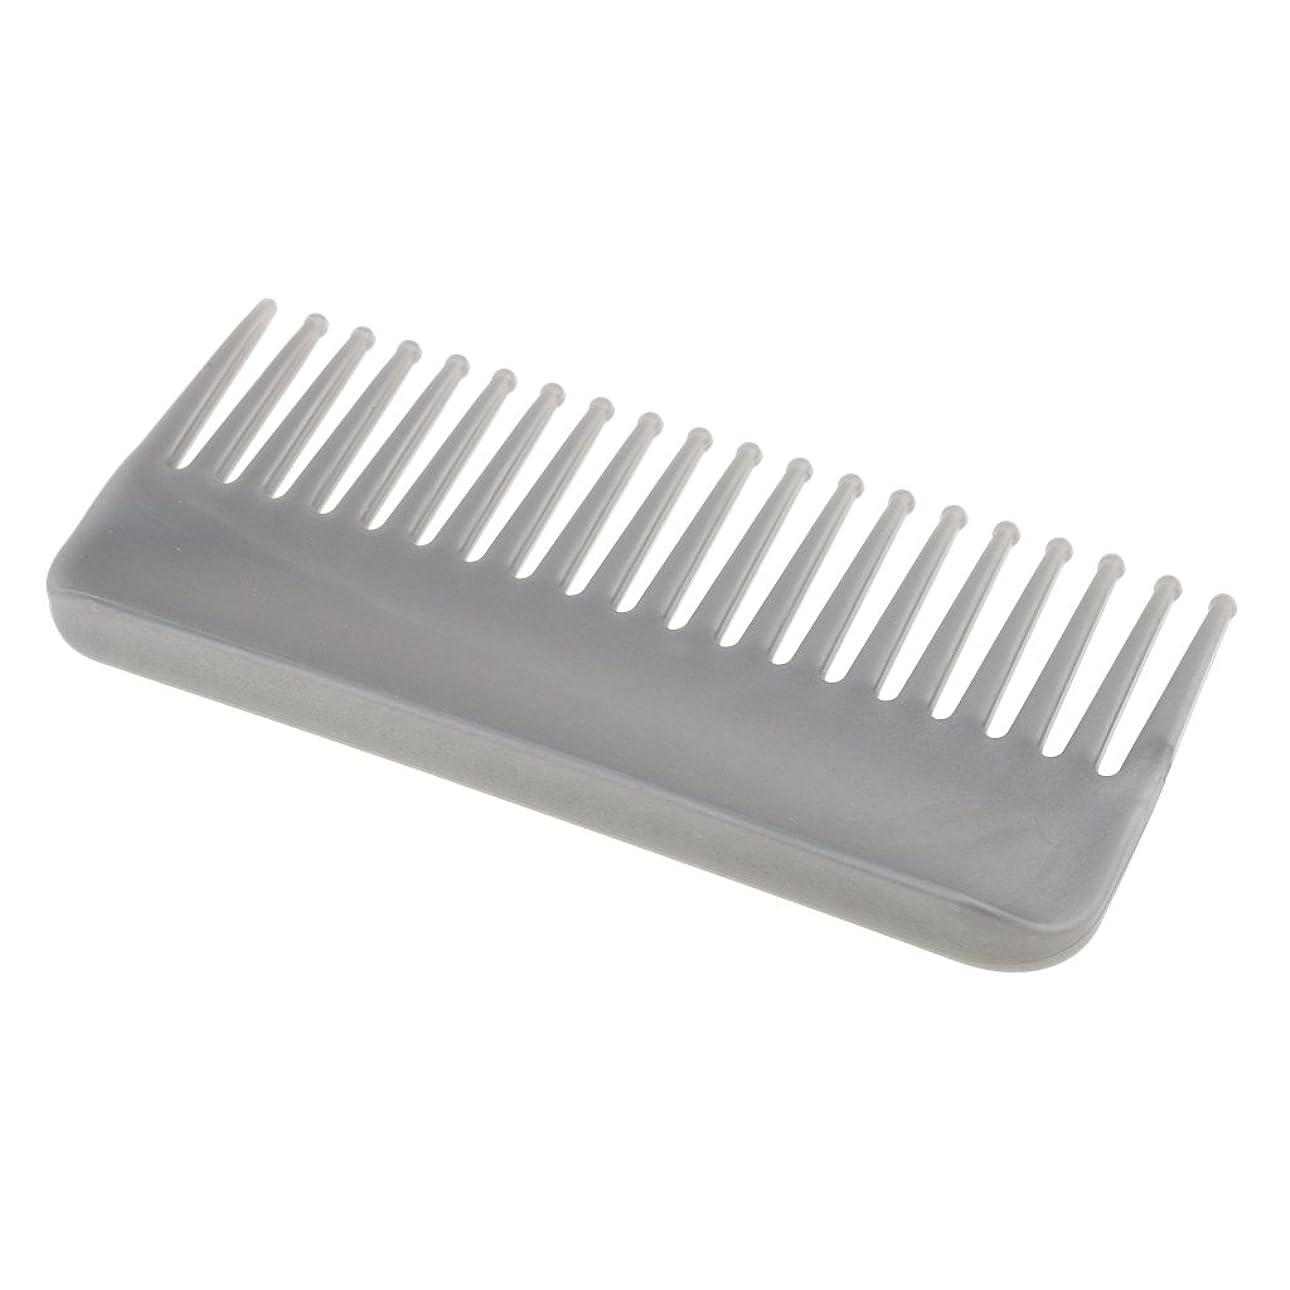 主市長理論的CUTICATE プラスチック製の絡みのない広い歯のヘアブラシサロンヘアケアマッサージツール